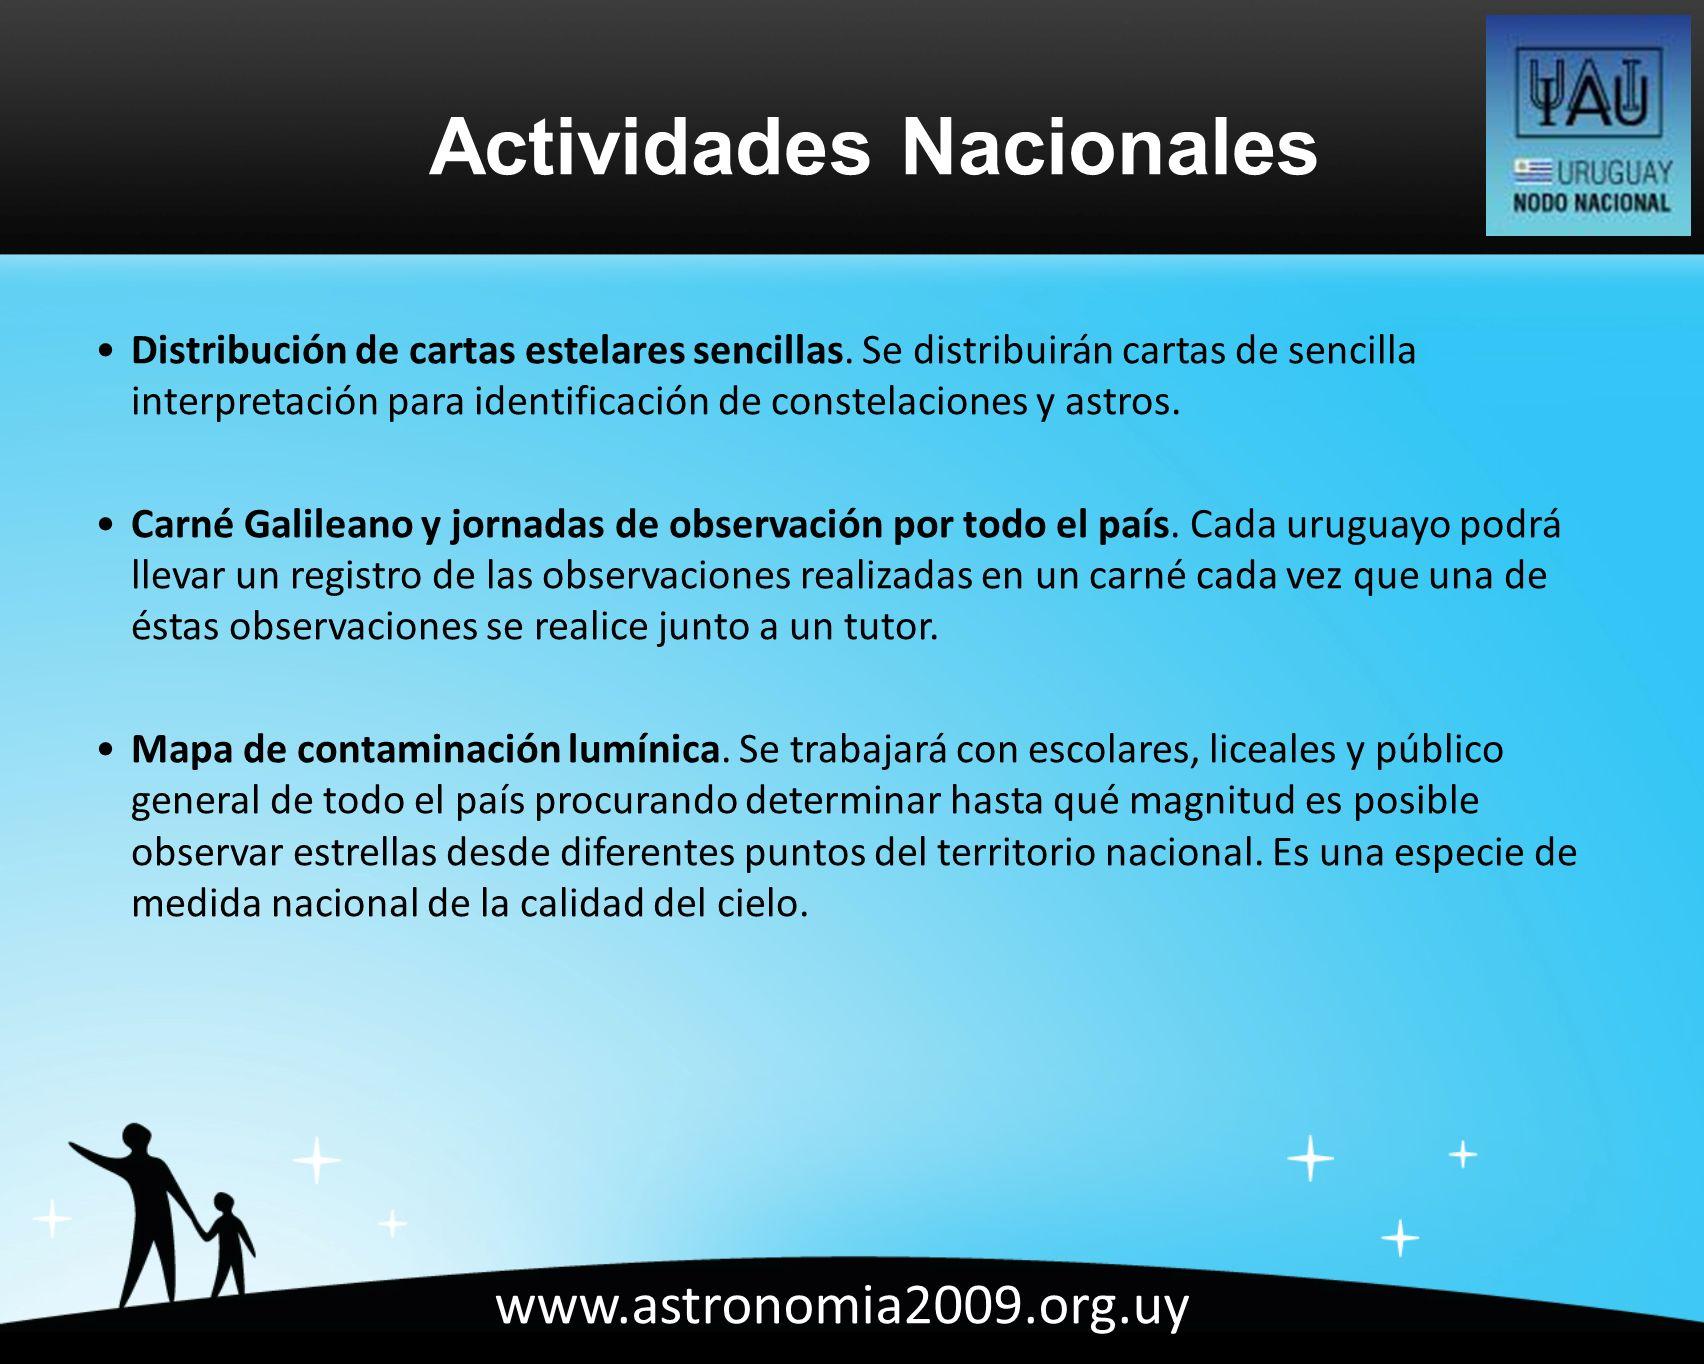 www.astronomia2009.org.uy Distribución de cartas estelares sencillas.